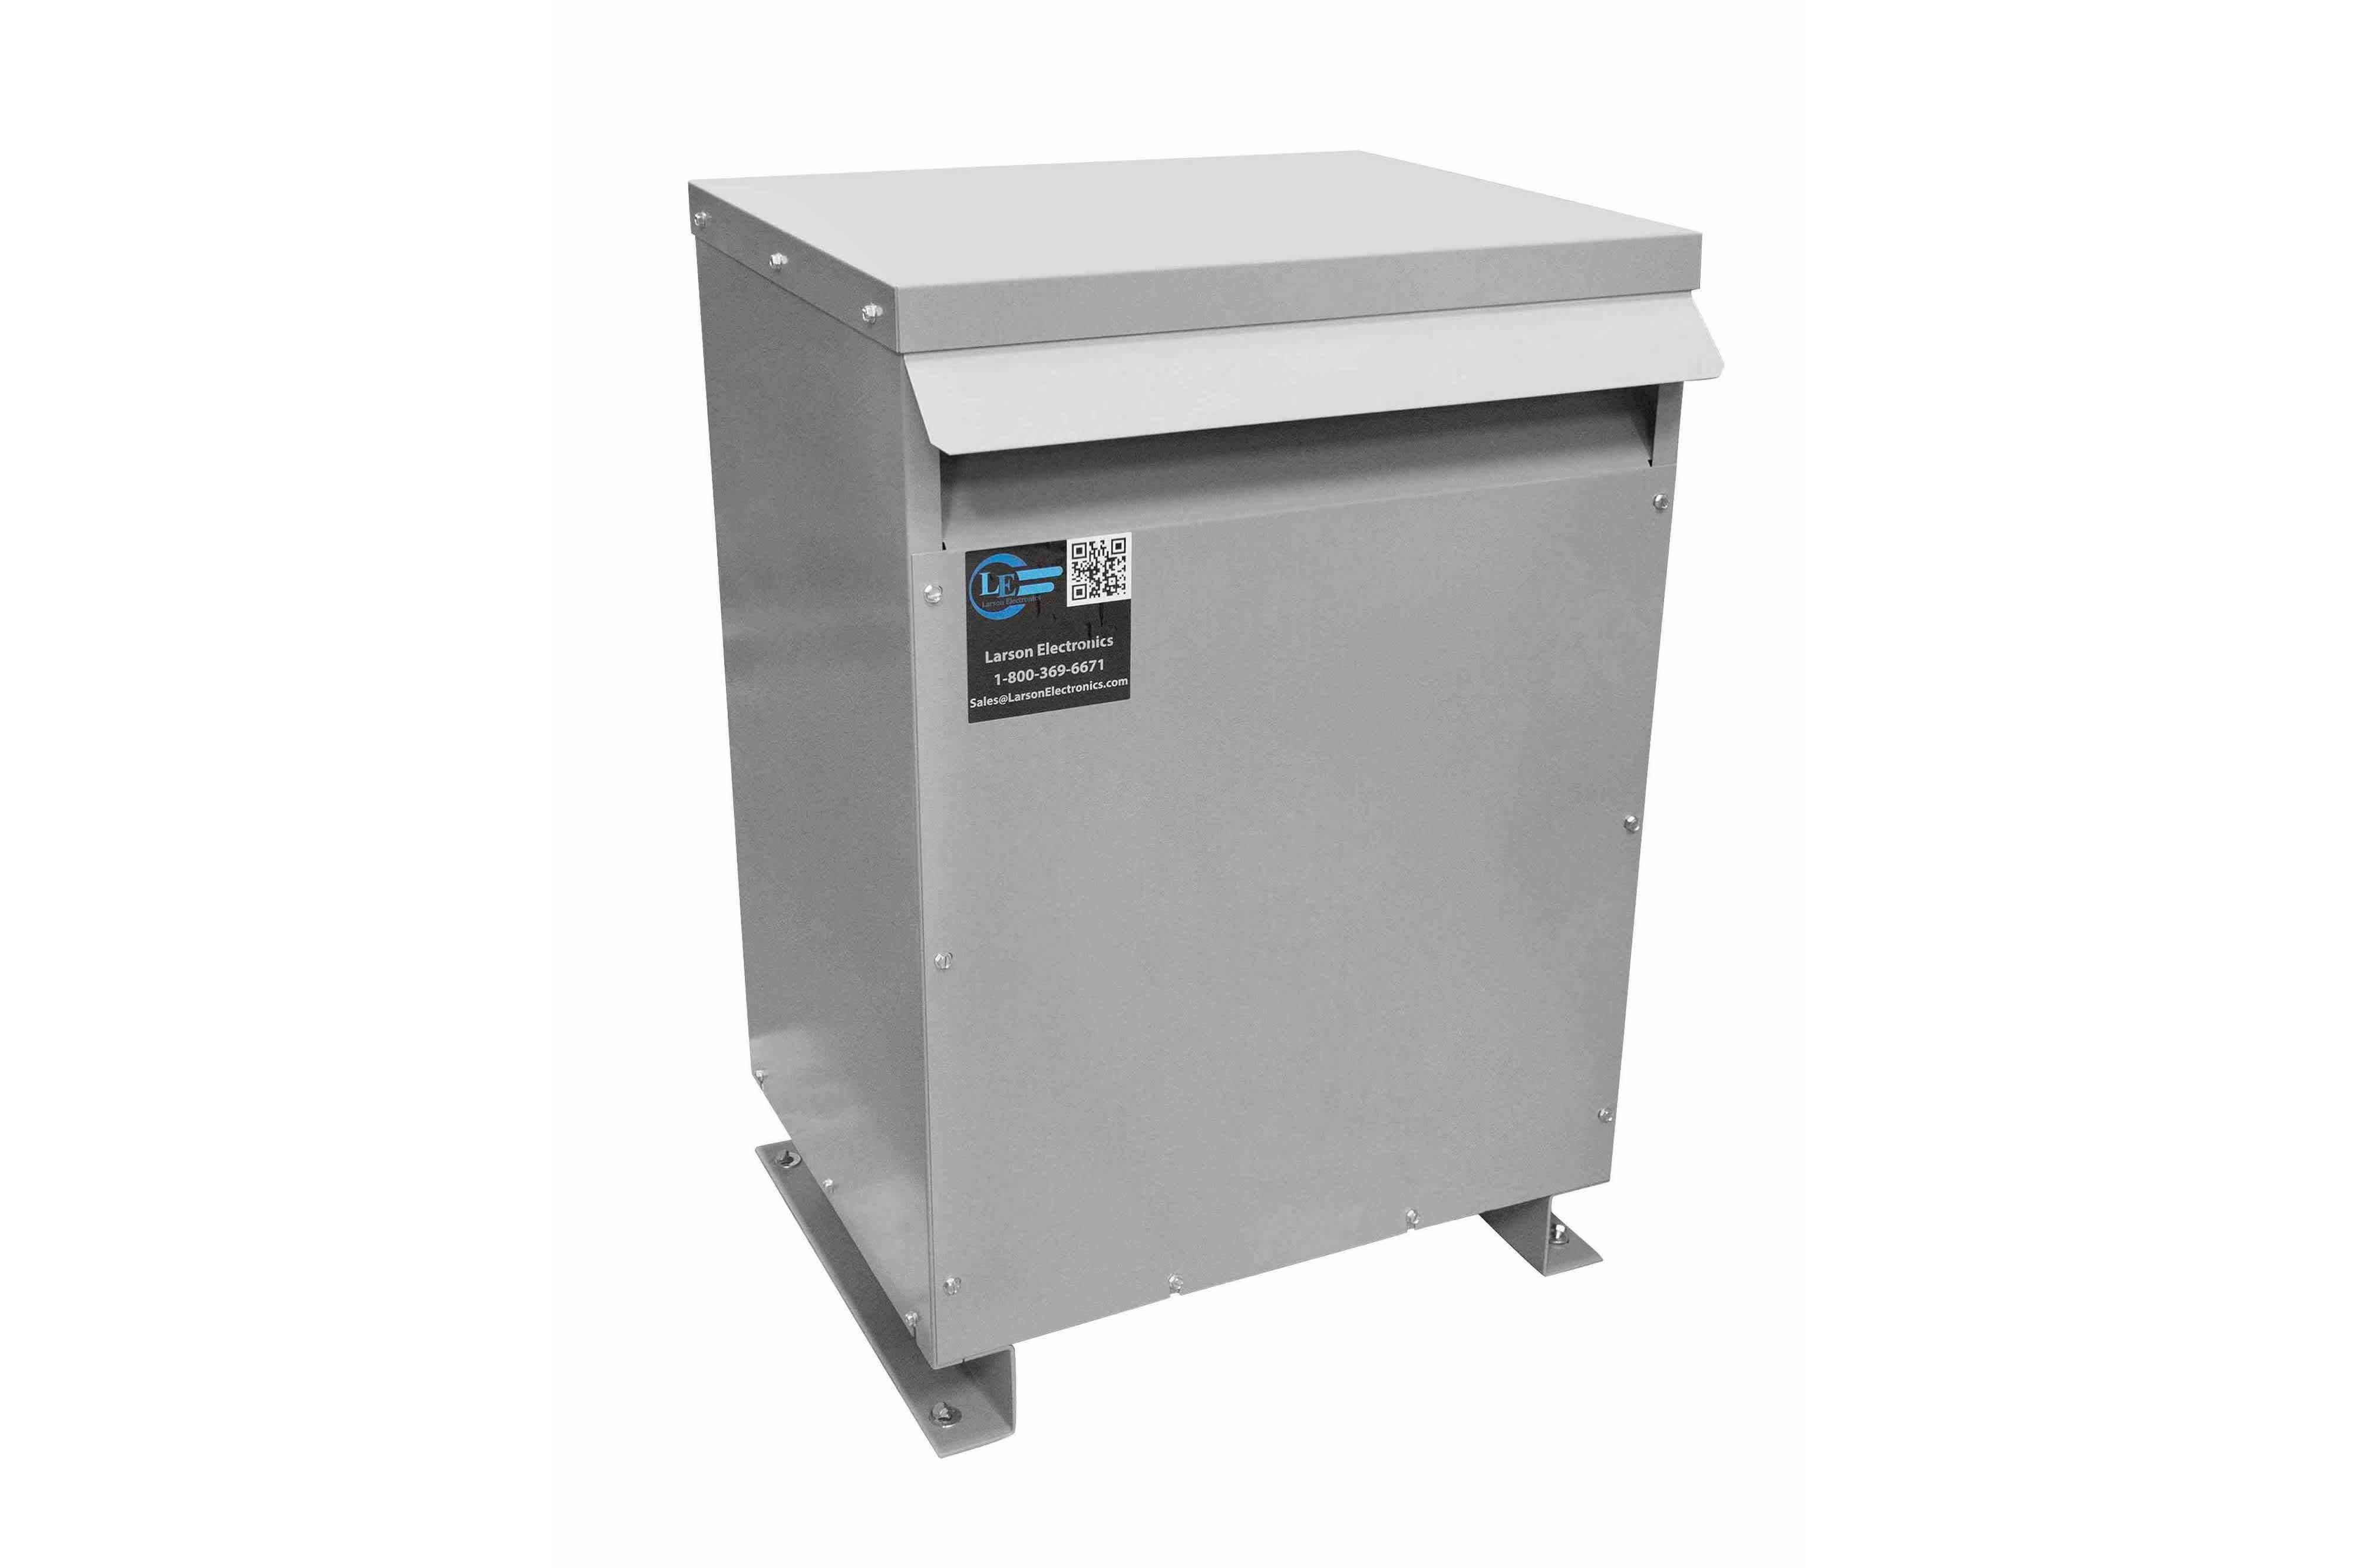 30 kVA 3PH Isolation Transformer, 415V Delta Primary, 600V Delta Secondary, N3R, Ventilated, 60 Hz